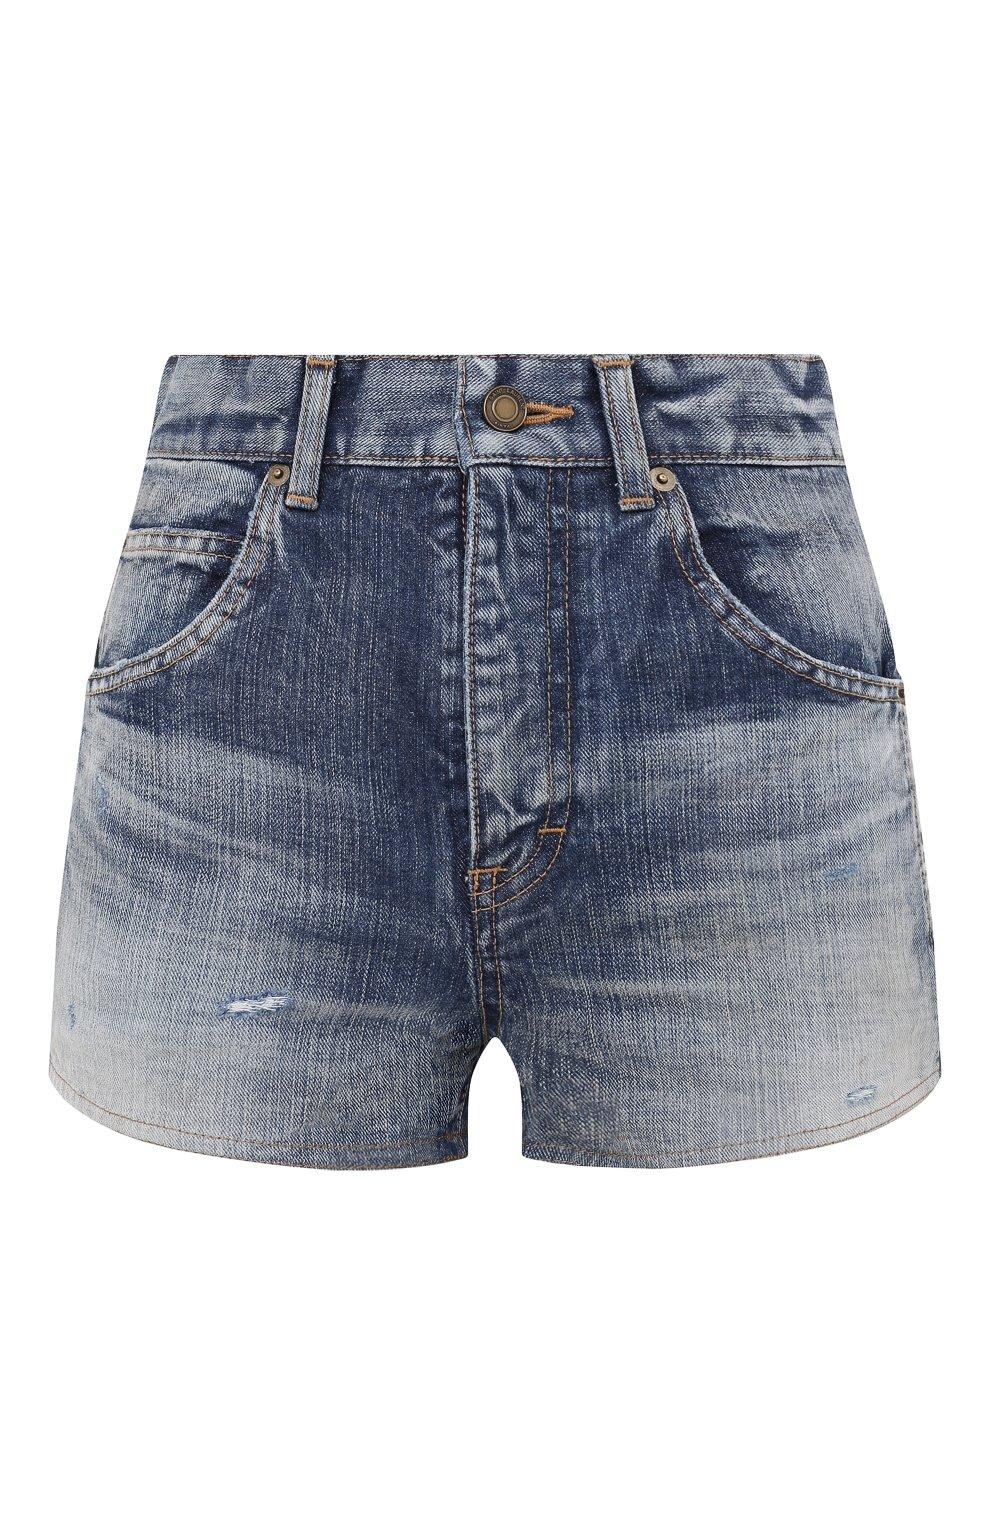 Женские джинсовые шорты SAINT LAURENT синего цвета, арт. 635478/Y896G   Фото 1 (Женское Кросс-КТ: Шорты-одежда; Кросс-КТ: Деним; Длина Ж (юбки, платья, шорты): Мини; Материал внешний: Хлопок; Стили: Кэжуэл)